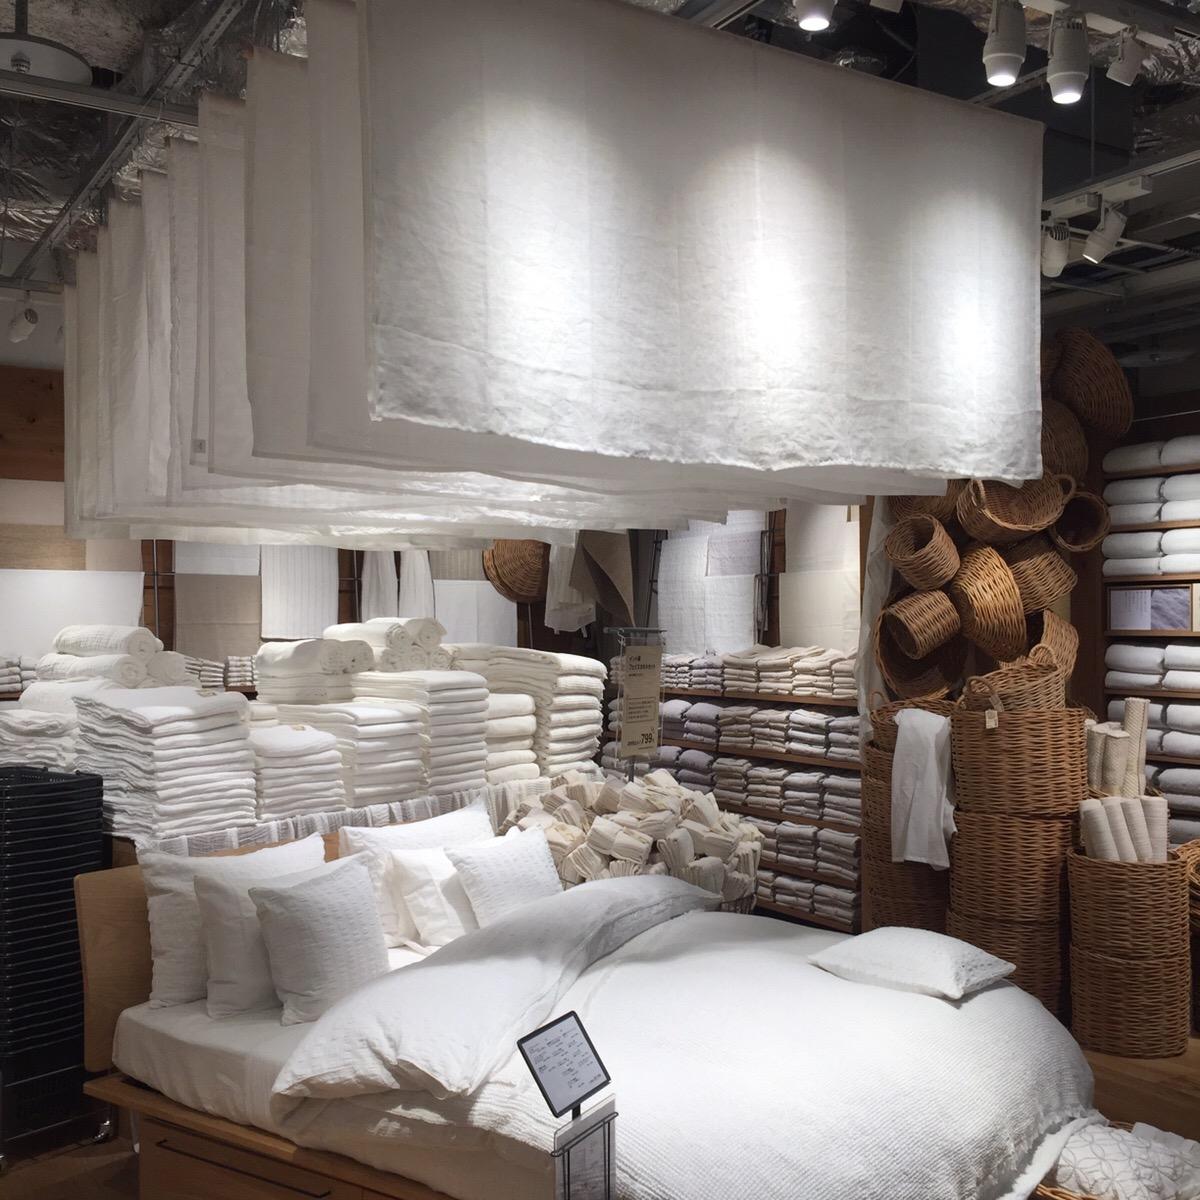 寝具エリアにはさまざまな素材や織り方のシーツやケットなどが。麻平織、綿サッカー織、オーガニックコットンワッフルと、素材選びに悩むのも楽しい。